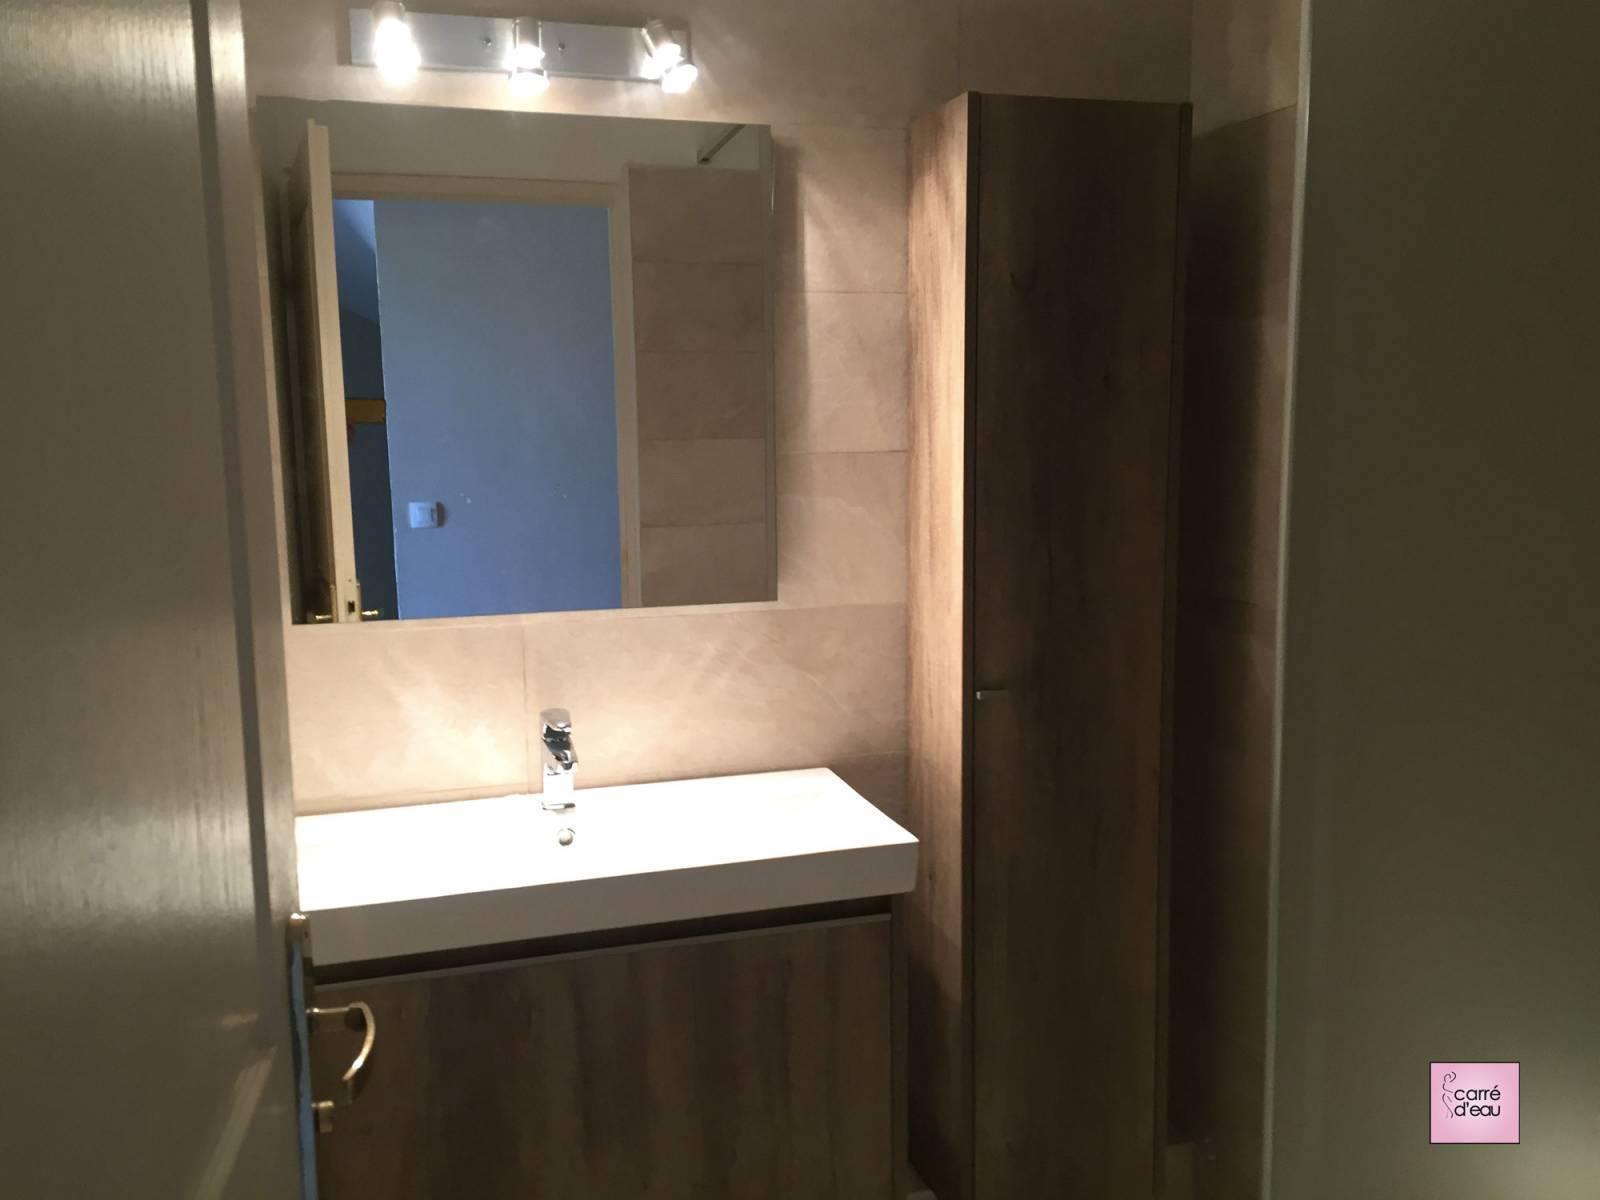 Créer Une Salle D Eau petite salle de bain confortable à castelnau le lez - carré